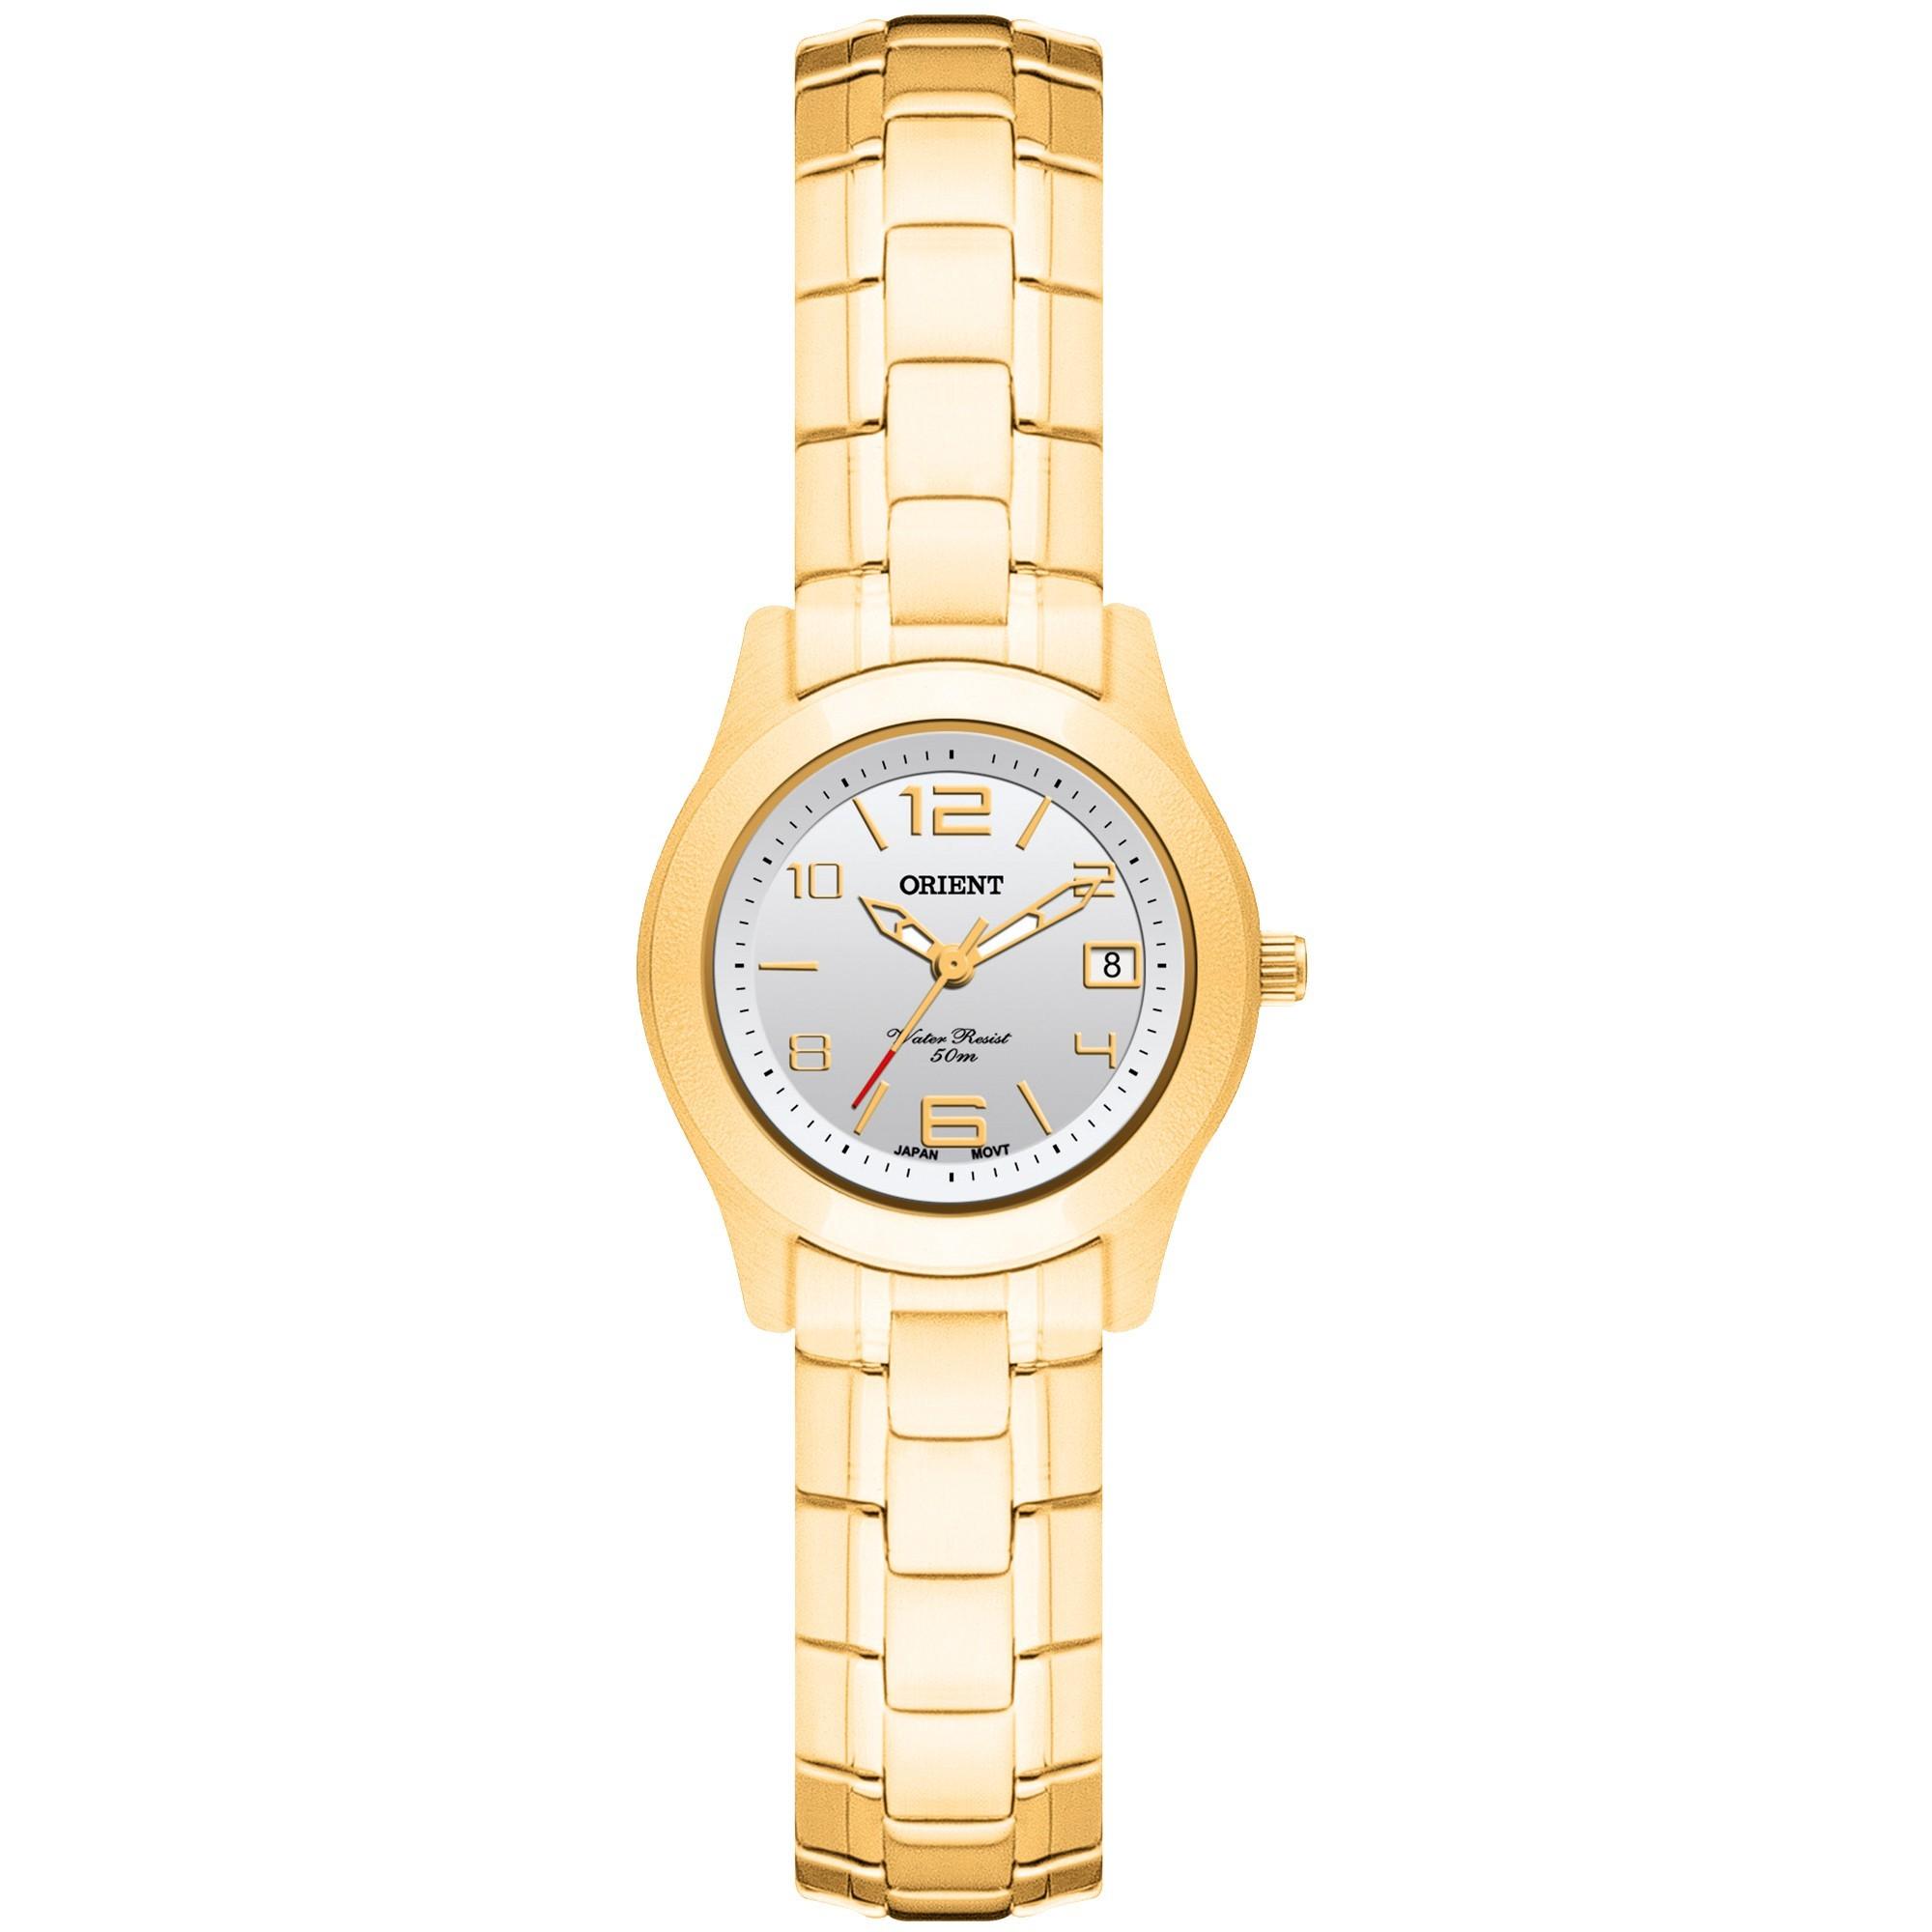 13516e338e8 Relógio Orient Feminino Pequeno Aço Dourado FGSS1025 S2KX - VEZATTO